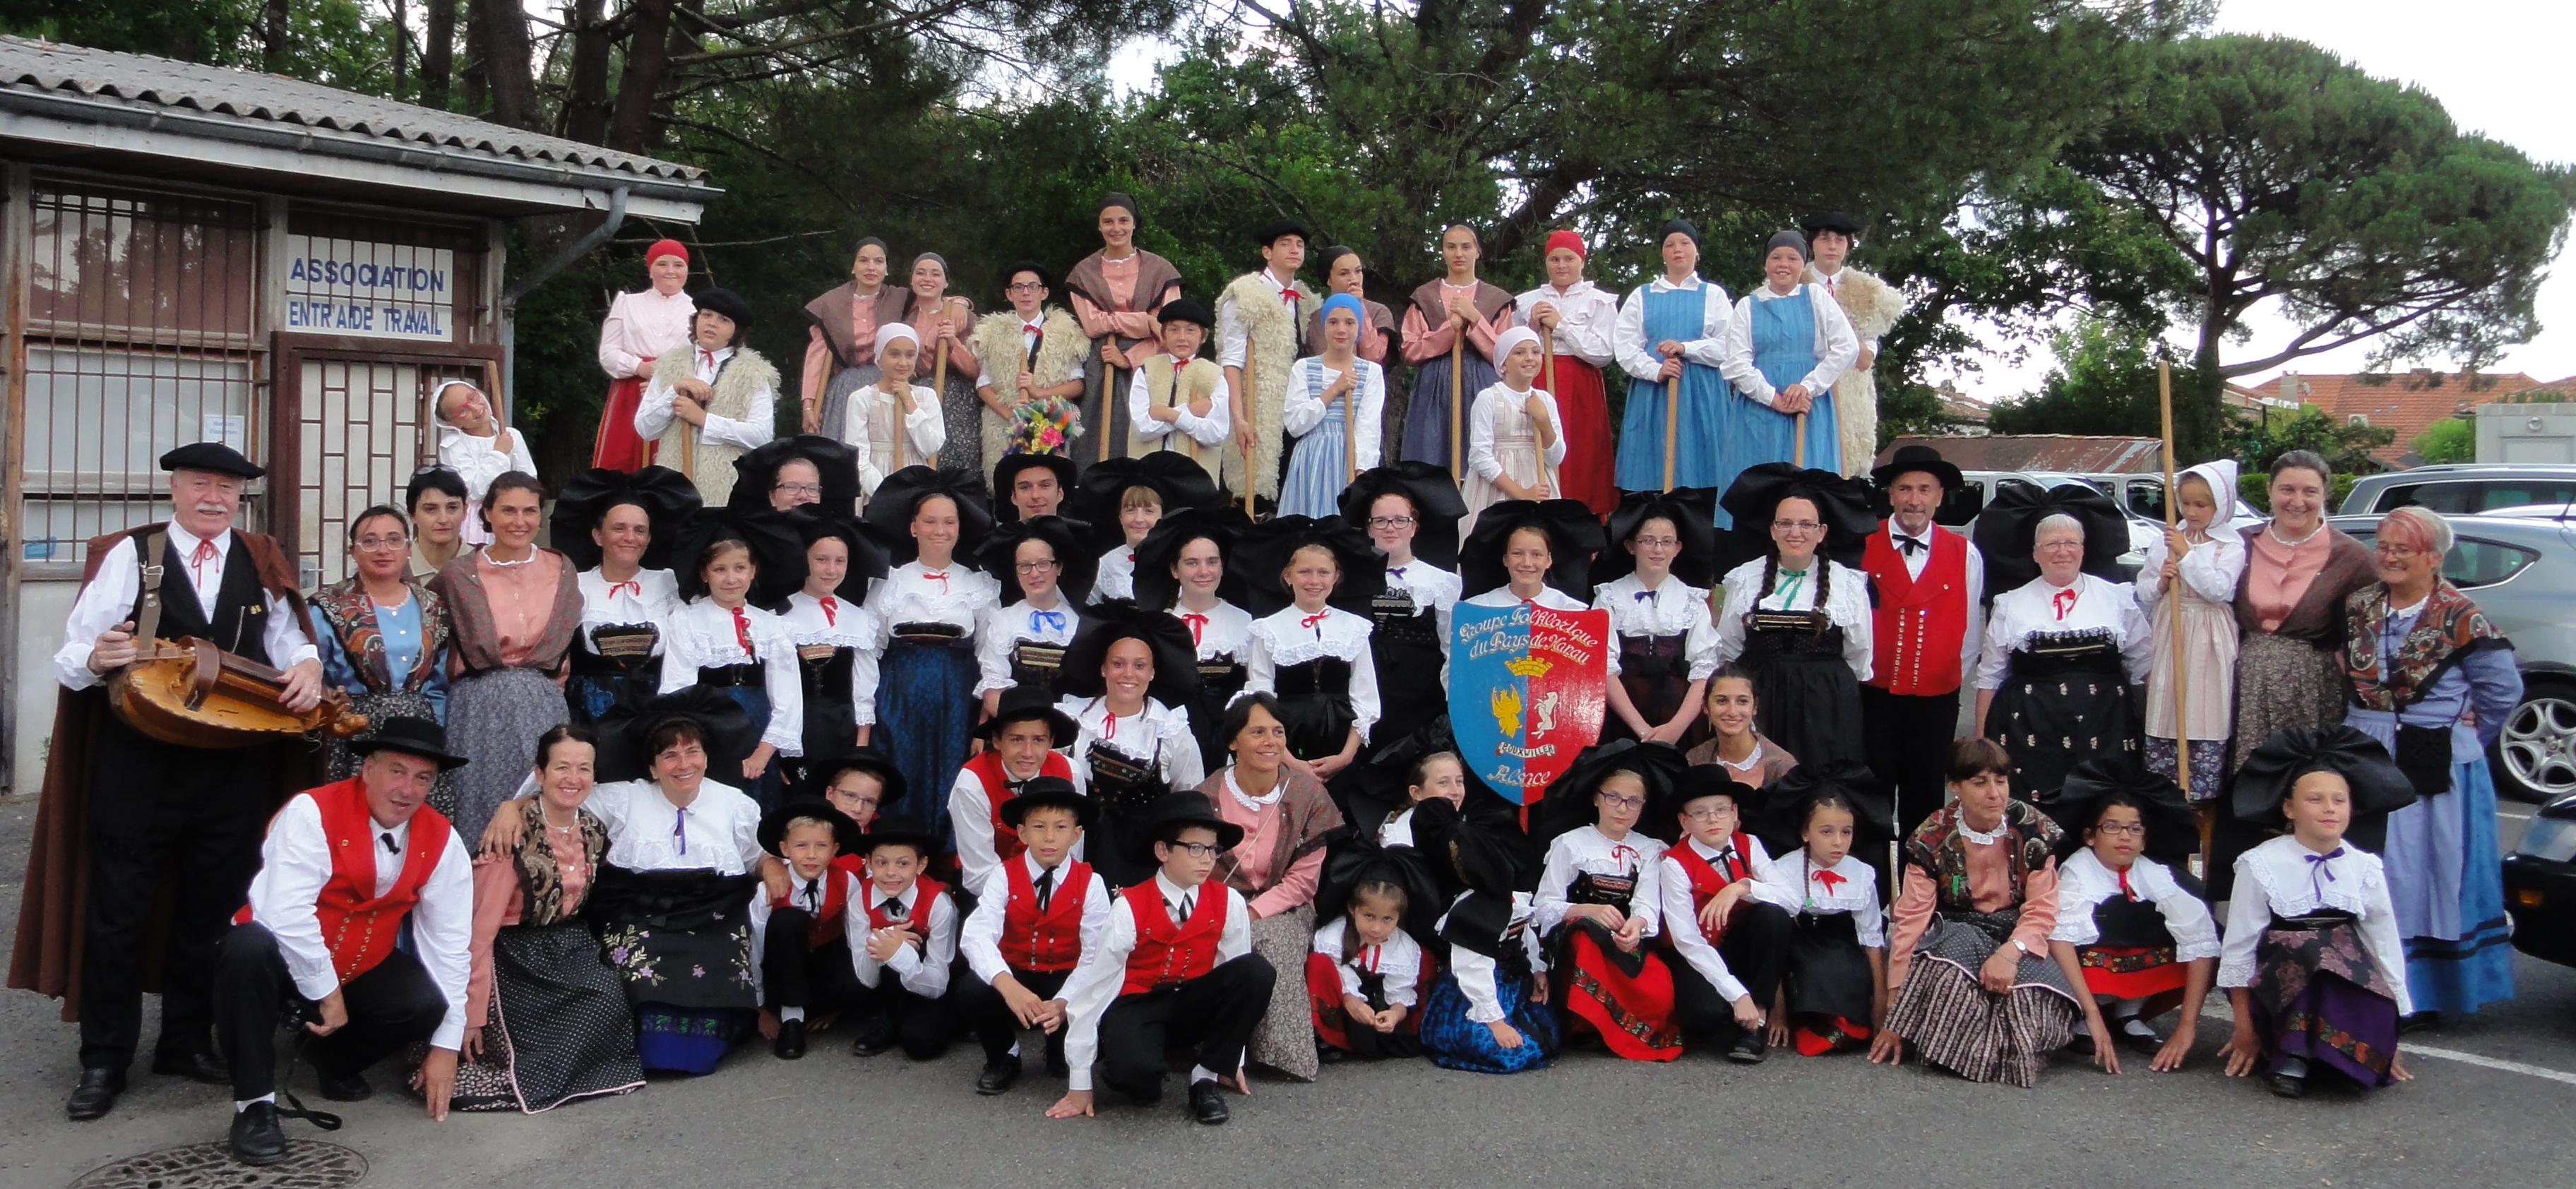 Lous esquirous accueille le pays de Hanau de Bouxwiller (Alsace)